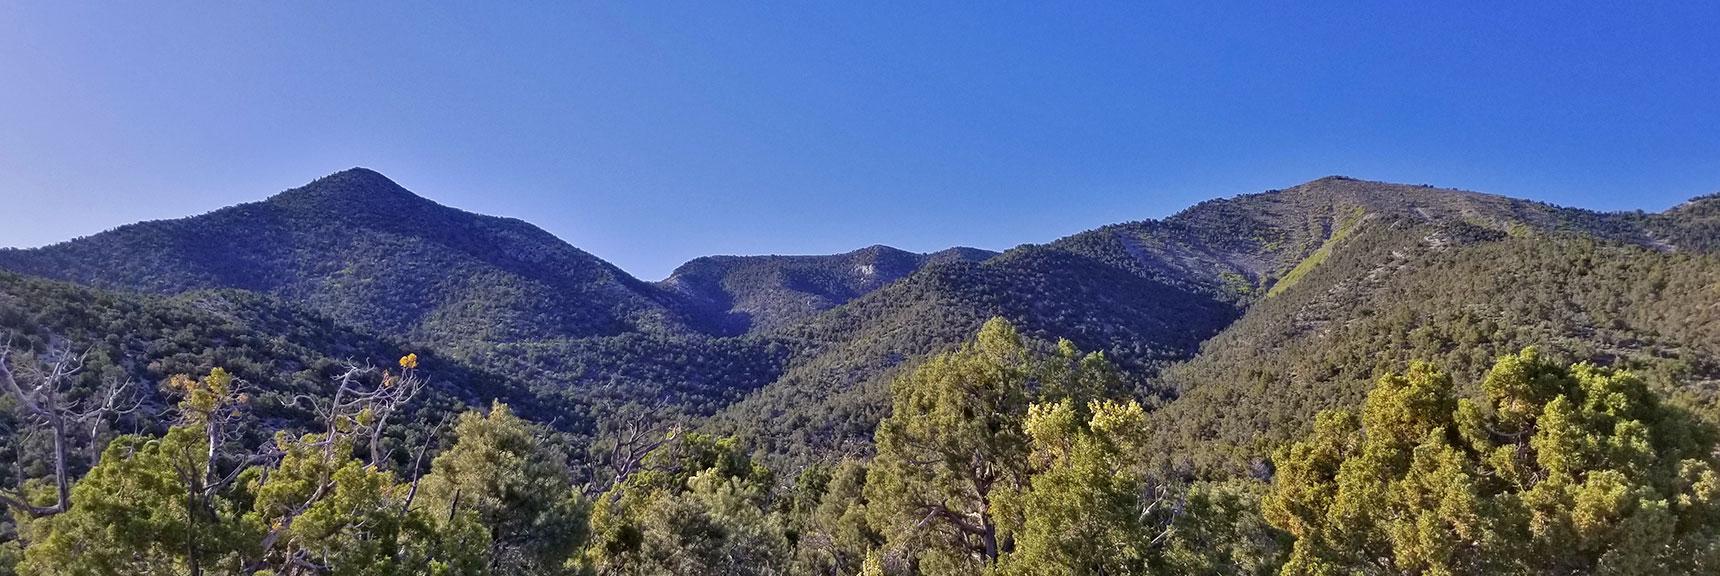 La Madre Mountain Final Approach Ridge, El Padre Mountain and Summit to Right | La Madre Mountain Northern Approach, Nevada